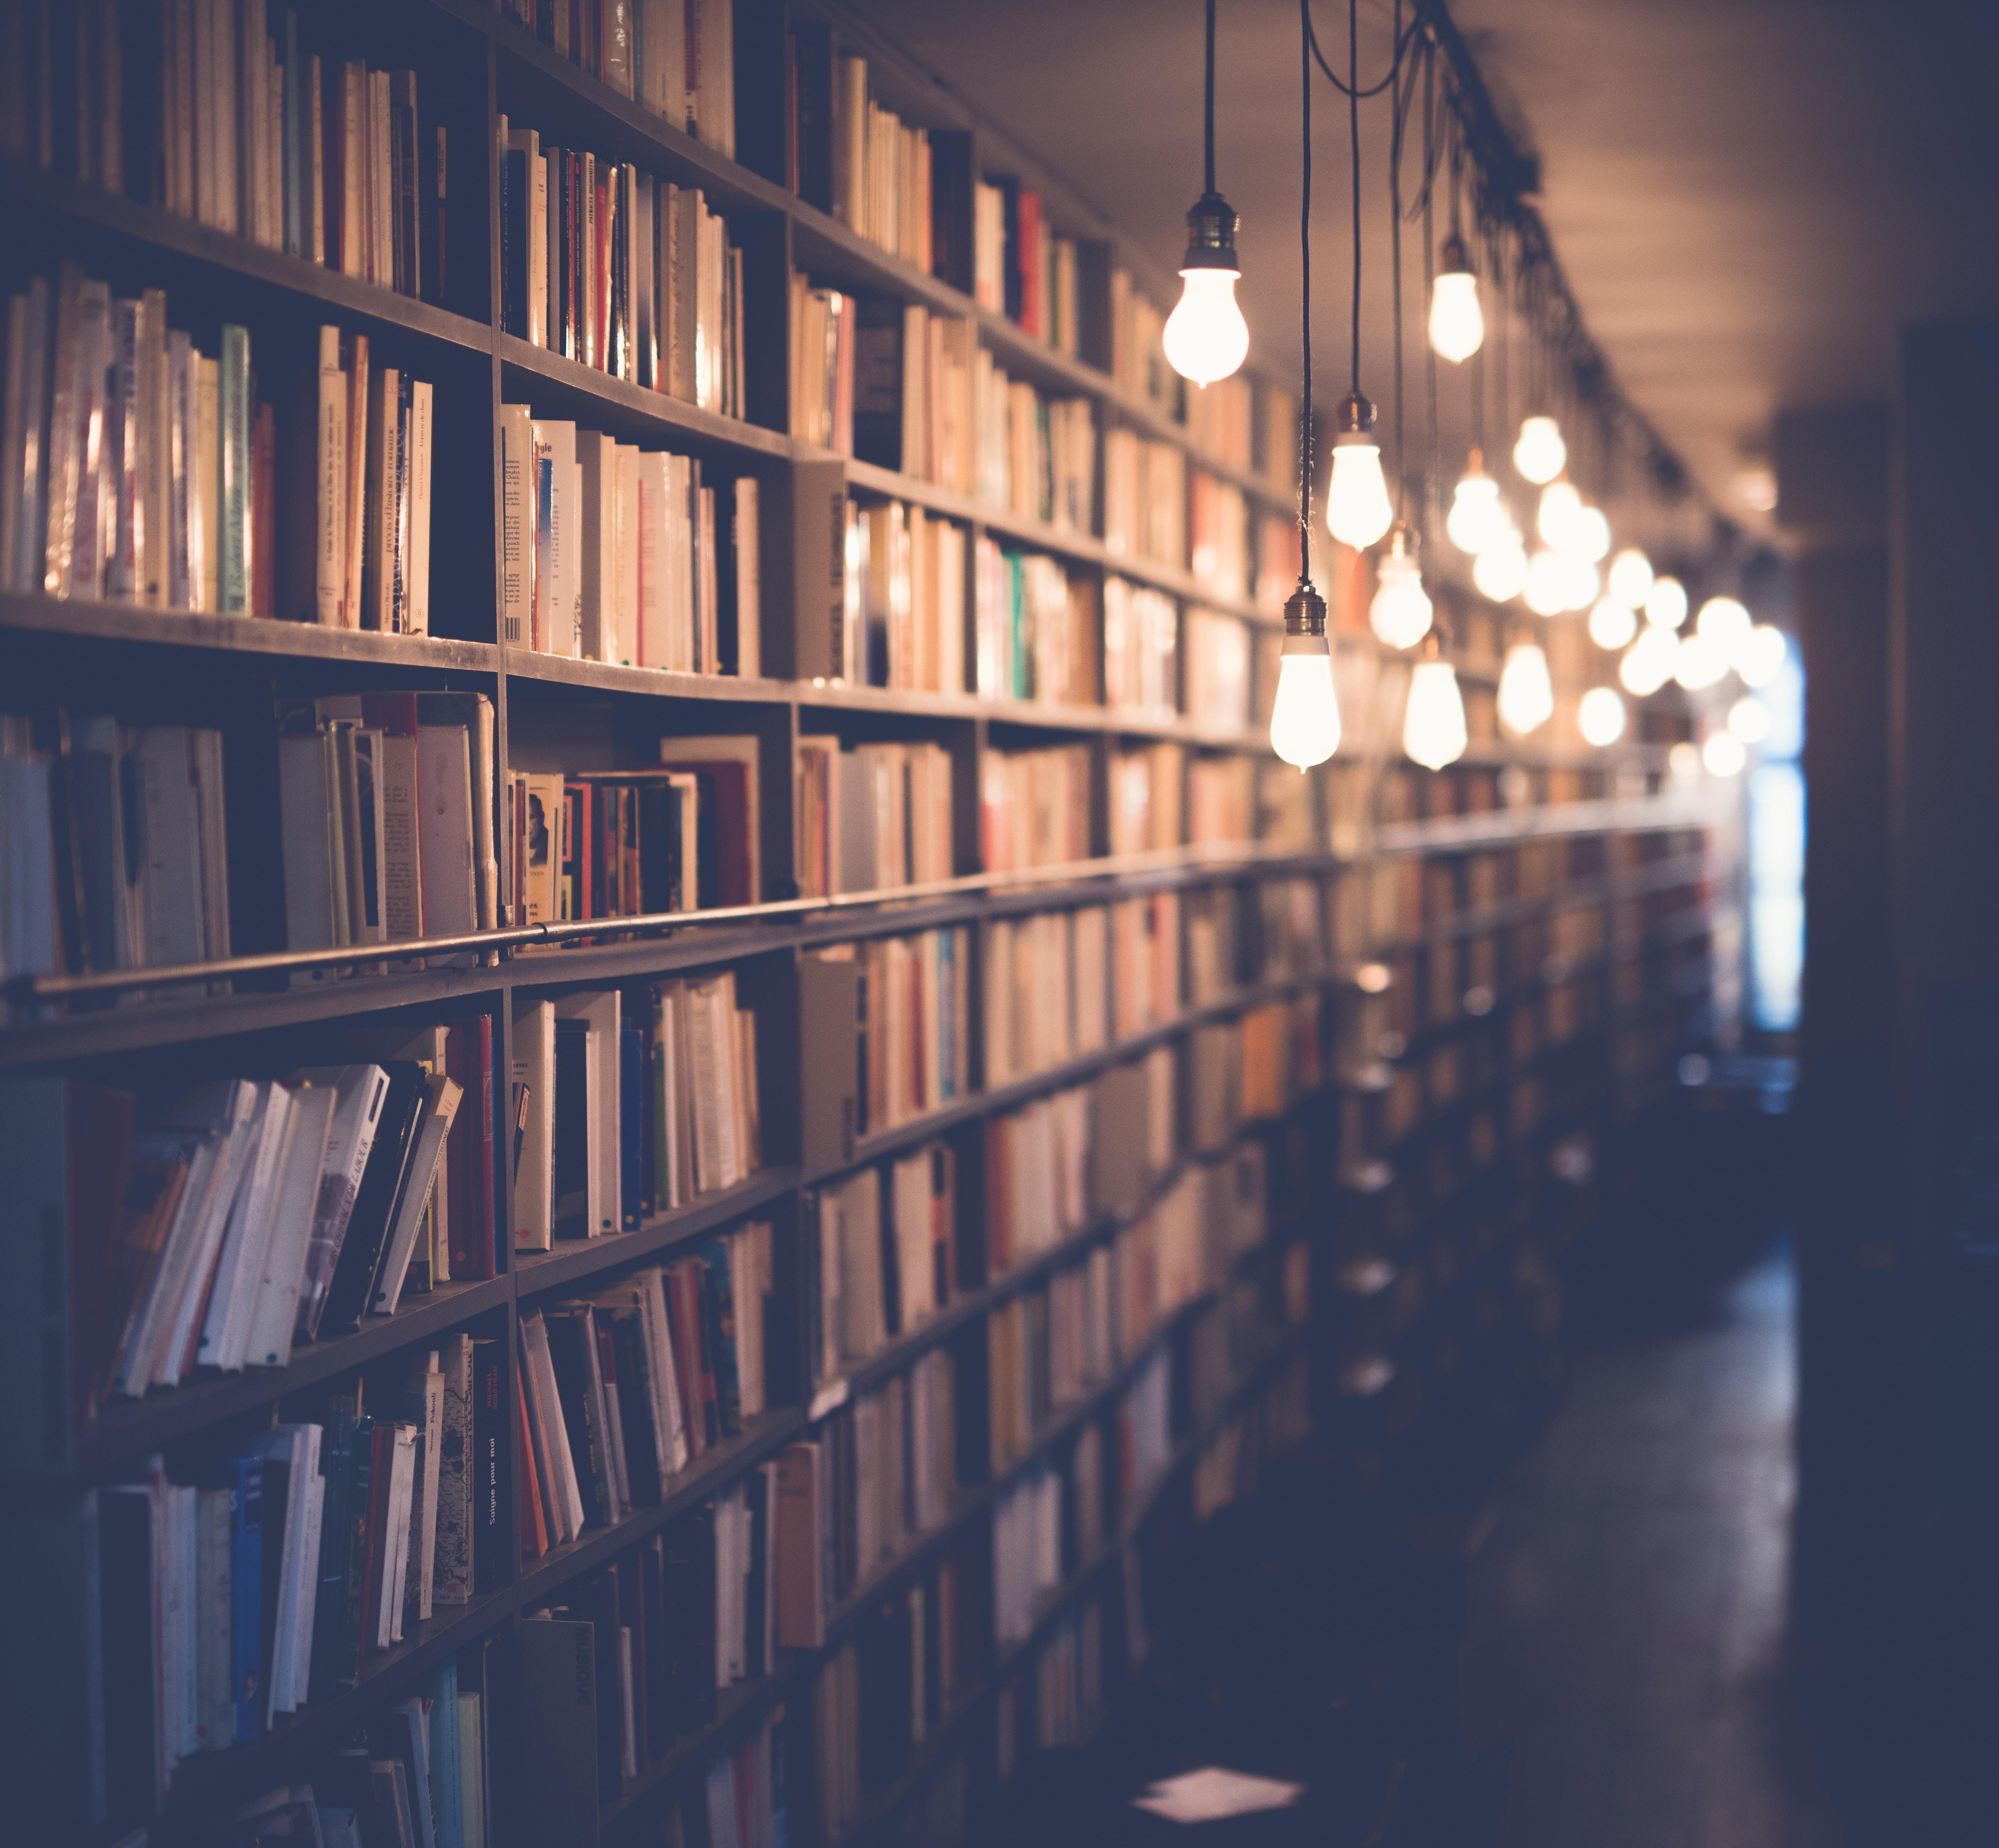 Littérature : 5 livres à découvrir en décembre